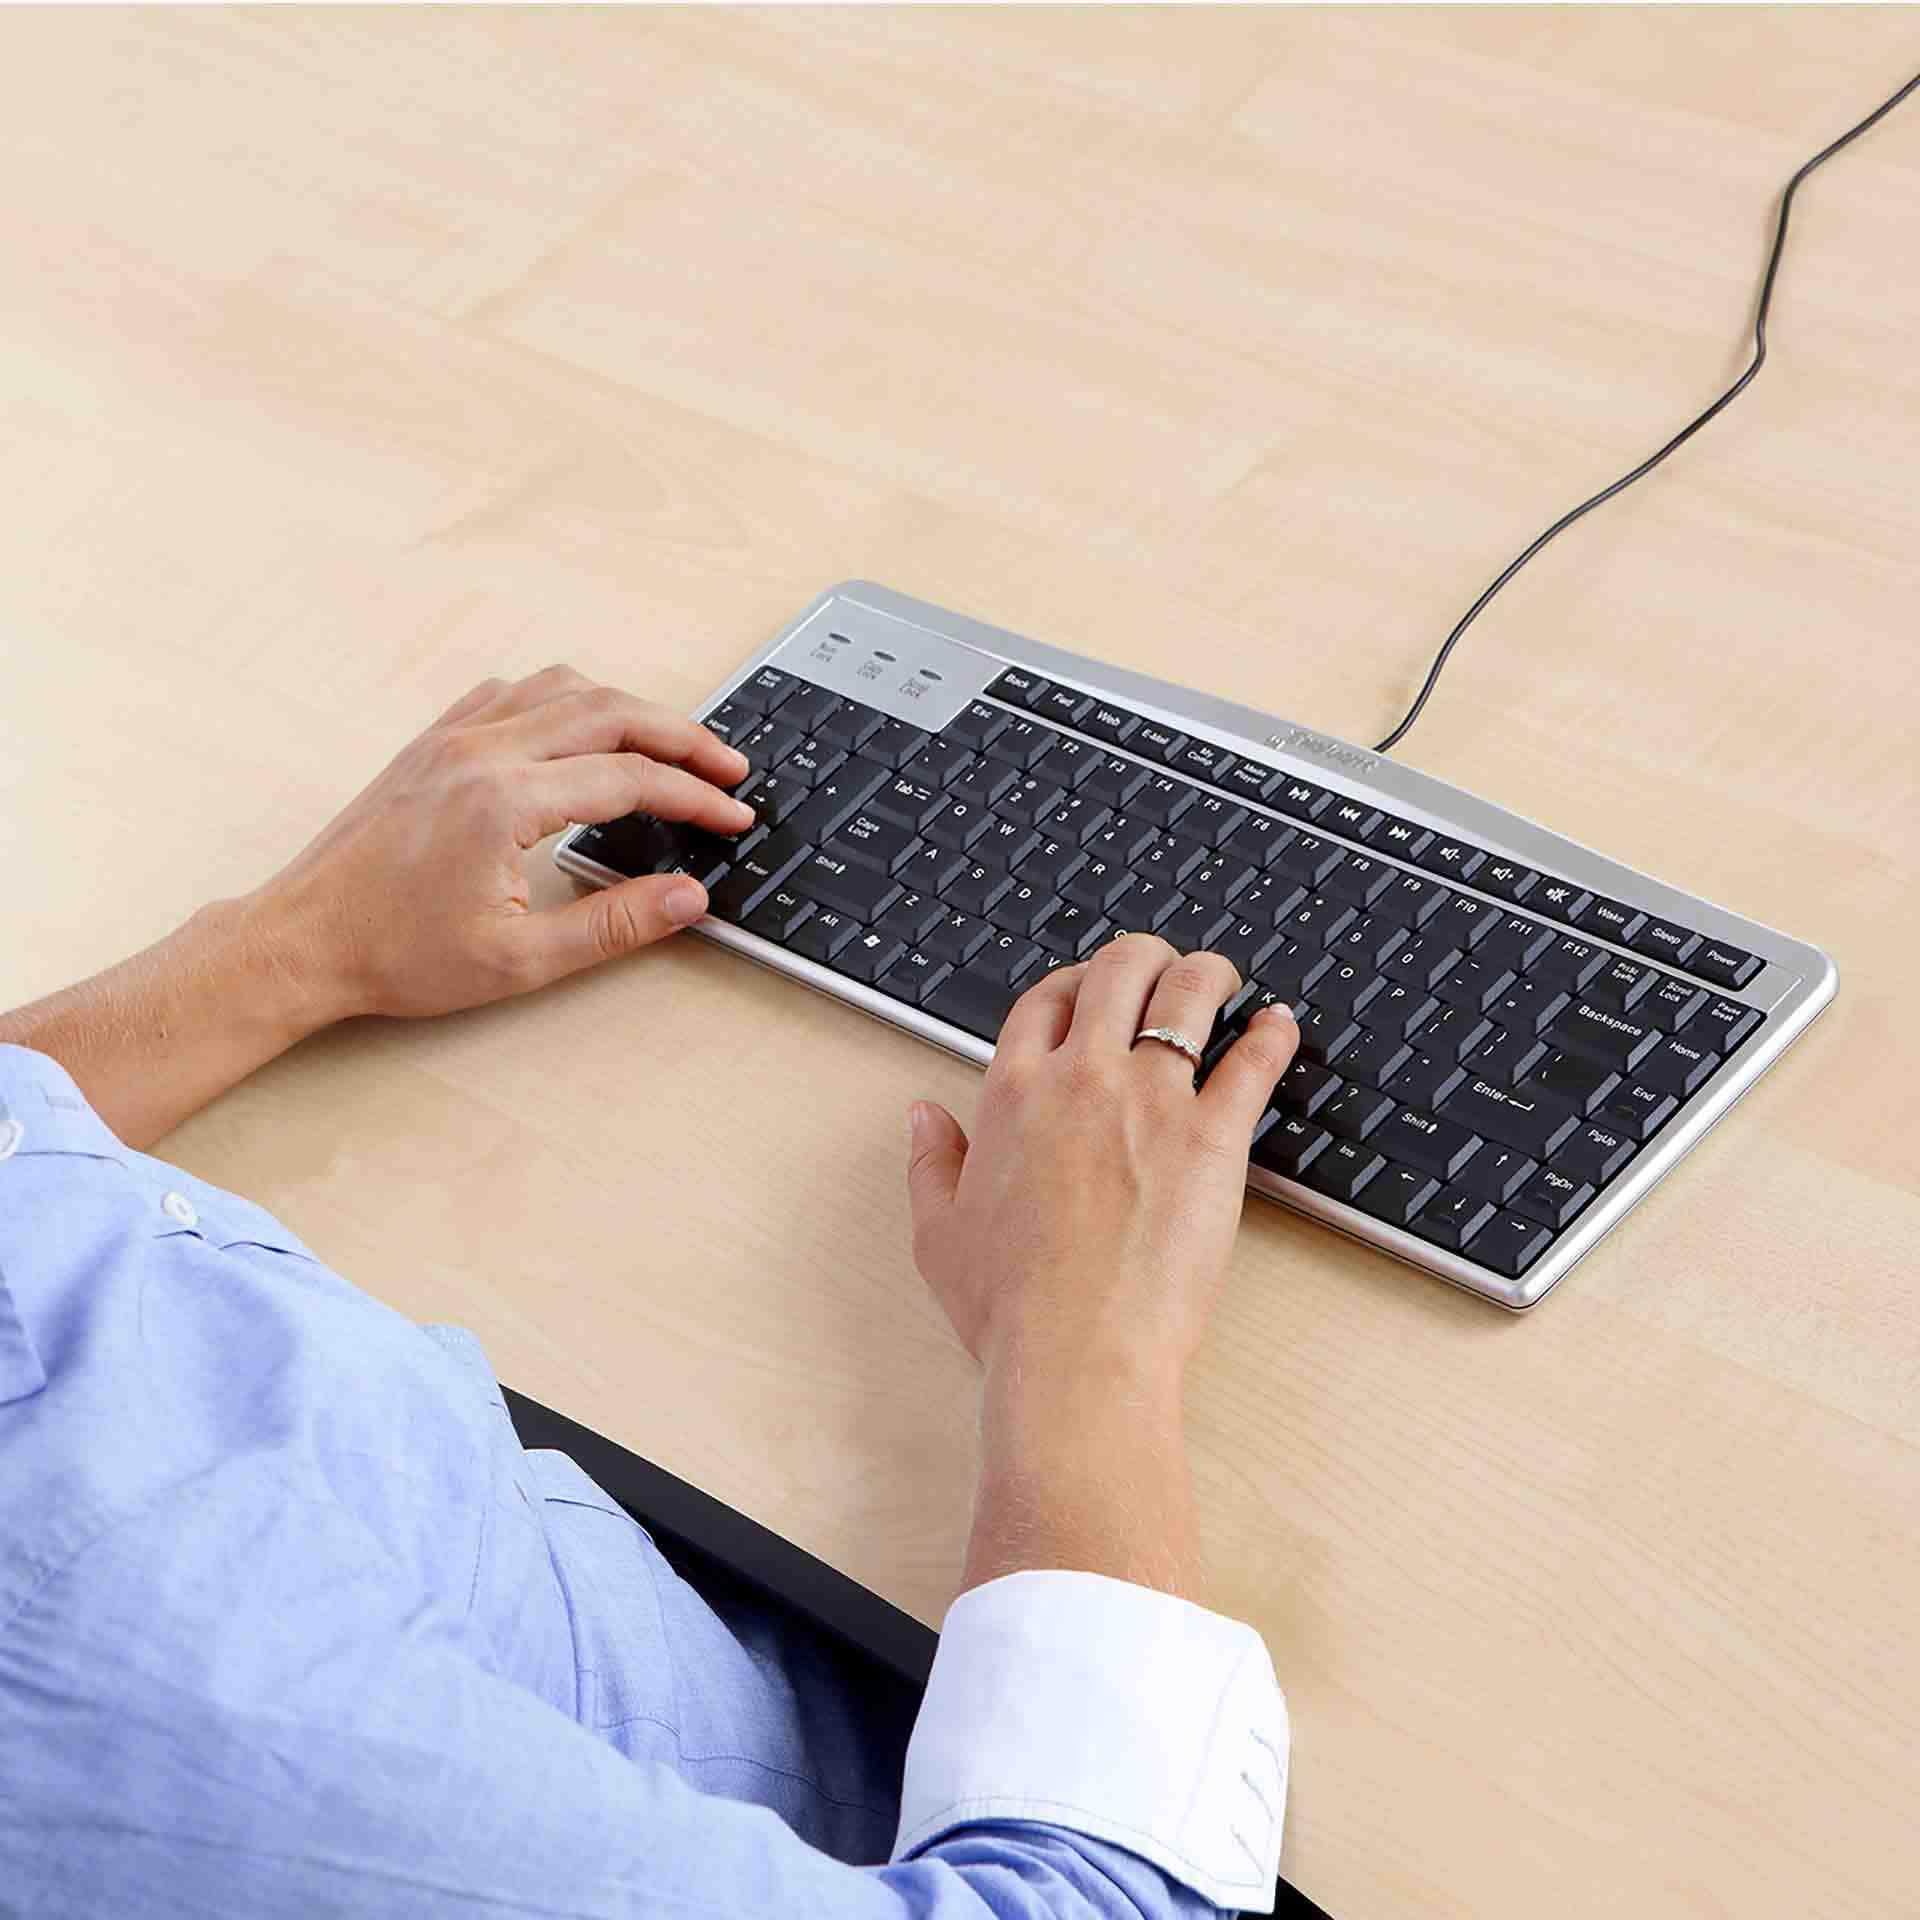 Evoluent linkshandig toetsenbord ERKAELT18 0002 Omgeving